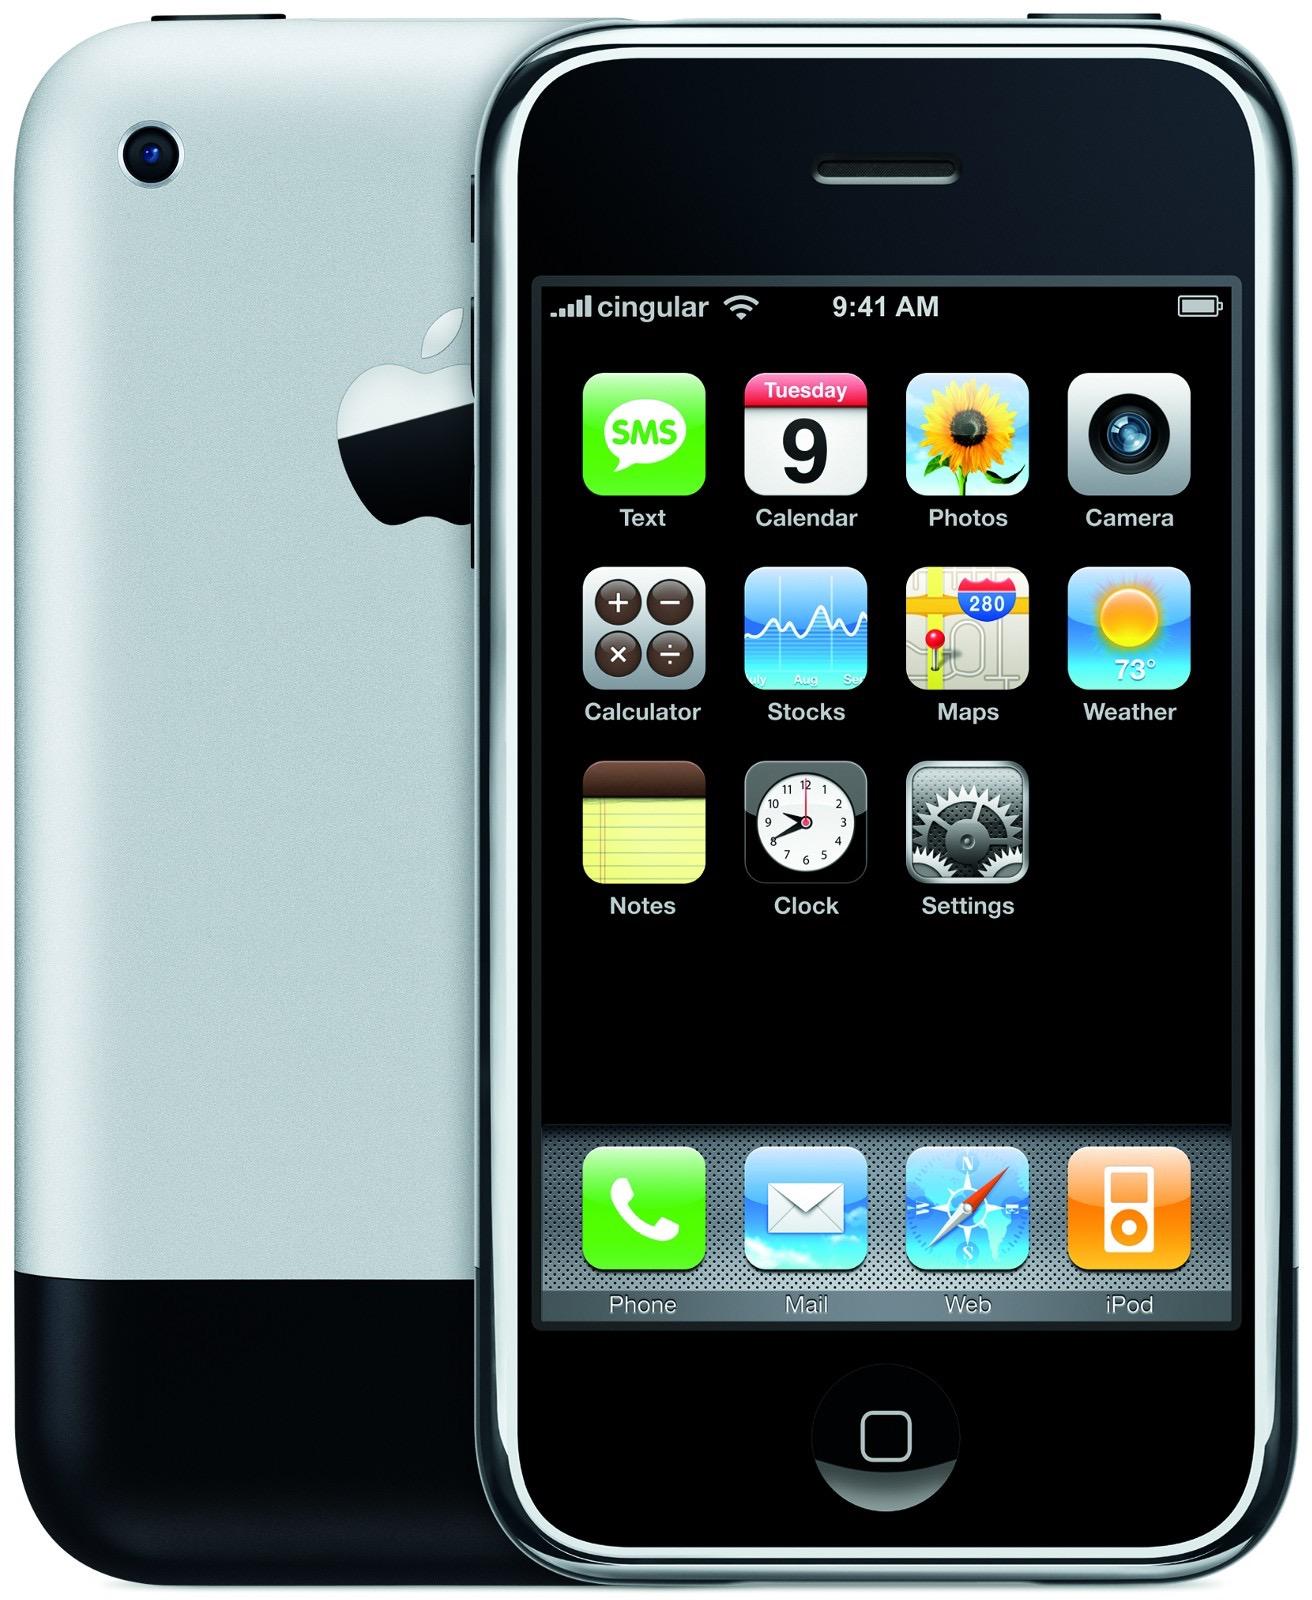 Imagem promocional do iPhone original